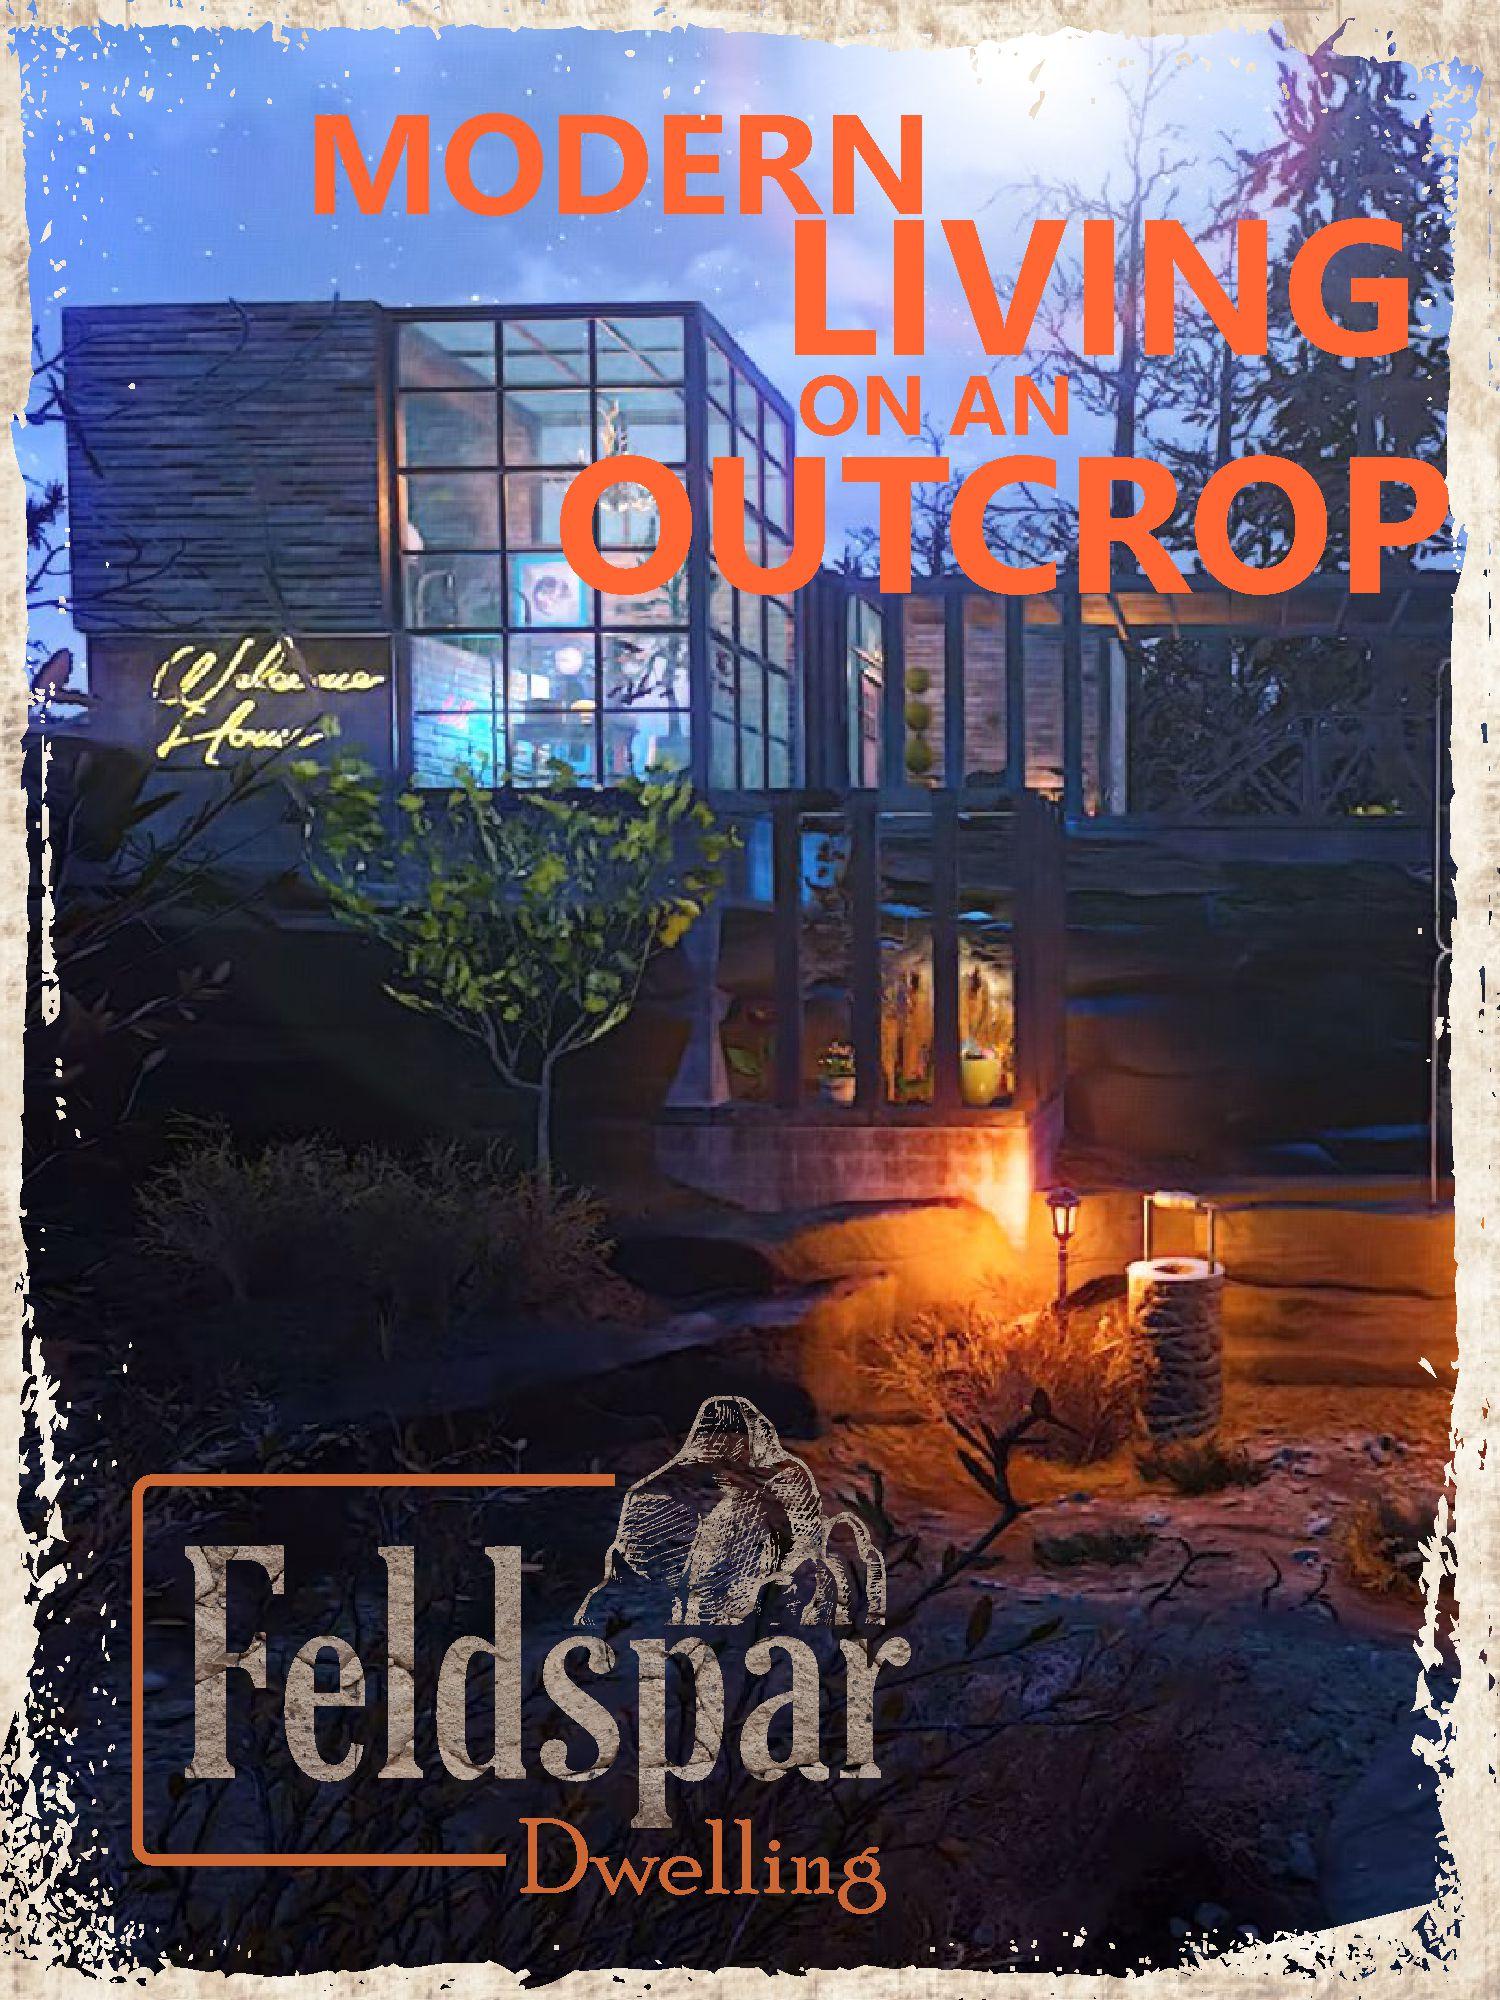 Feldspar Dwelling